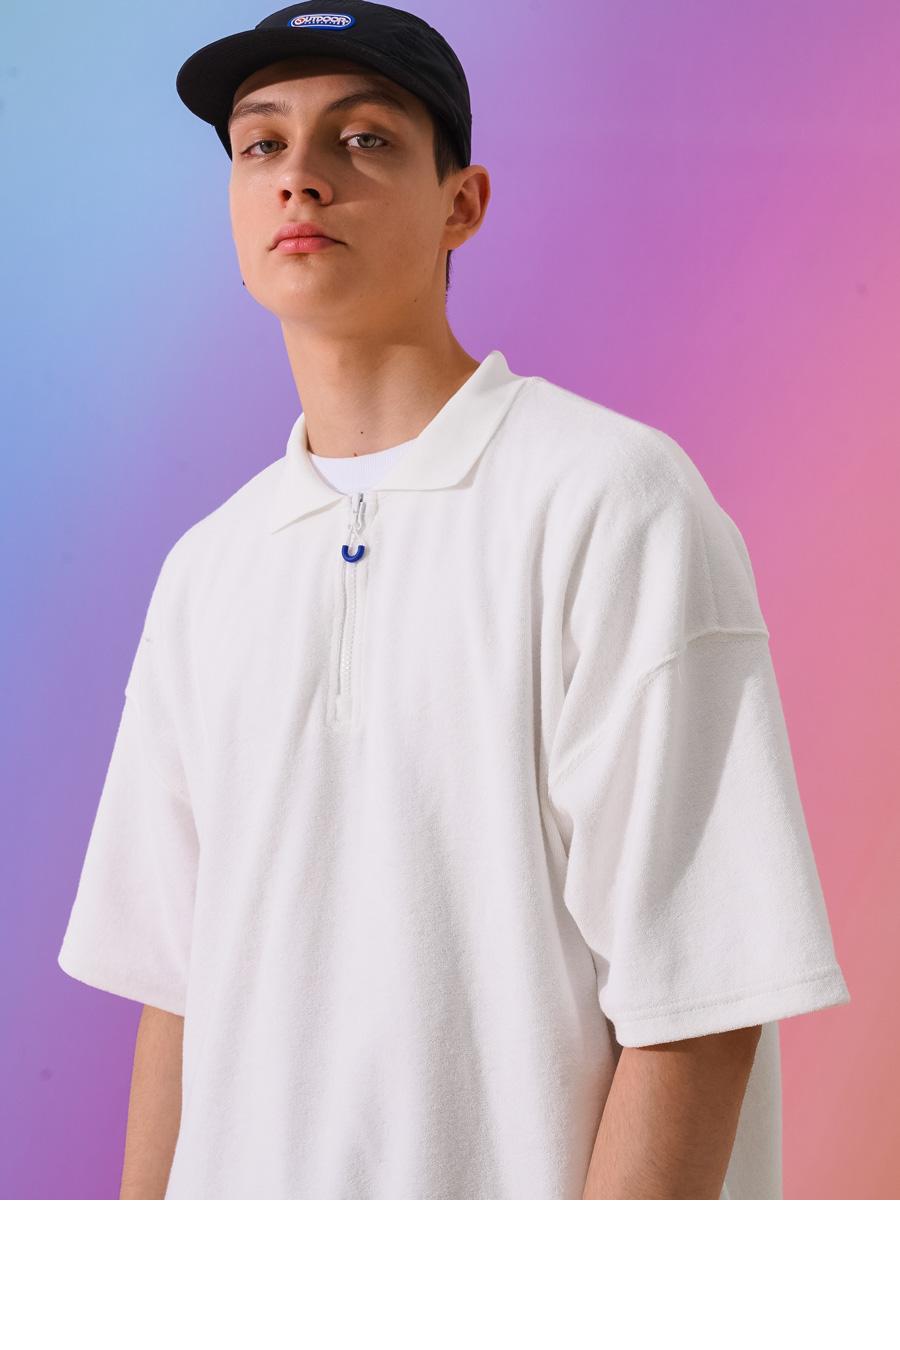 20200519_twn_fresh_sleeve_model_01_je_02.jpg